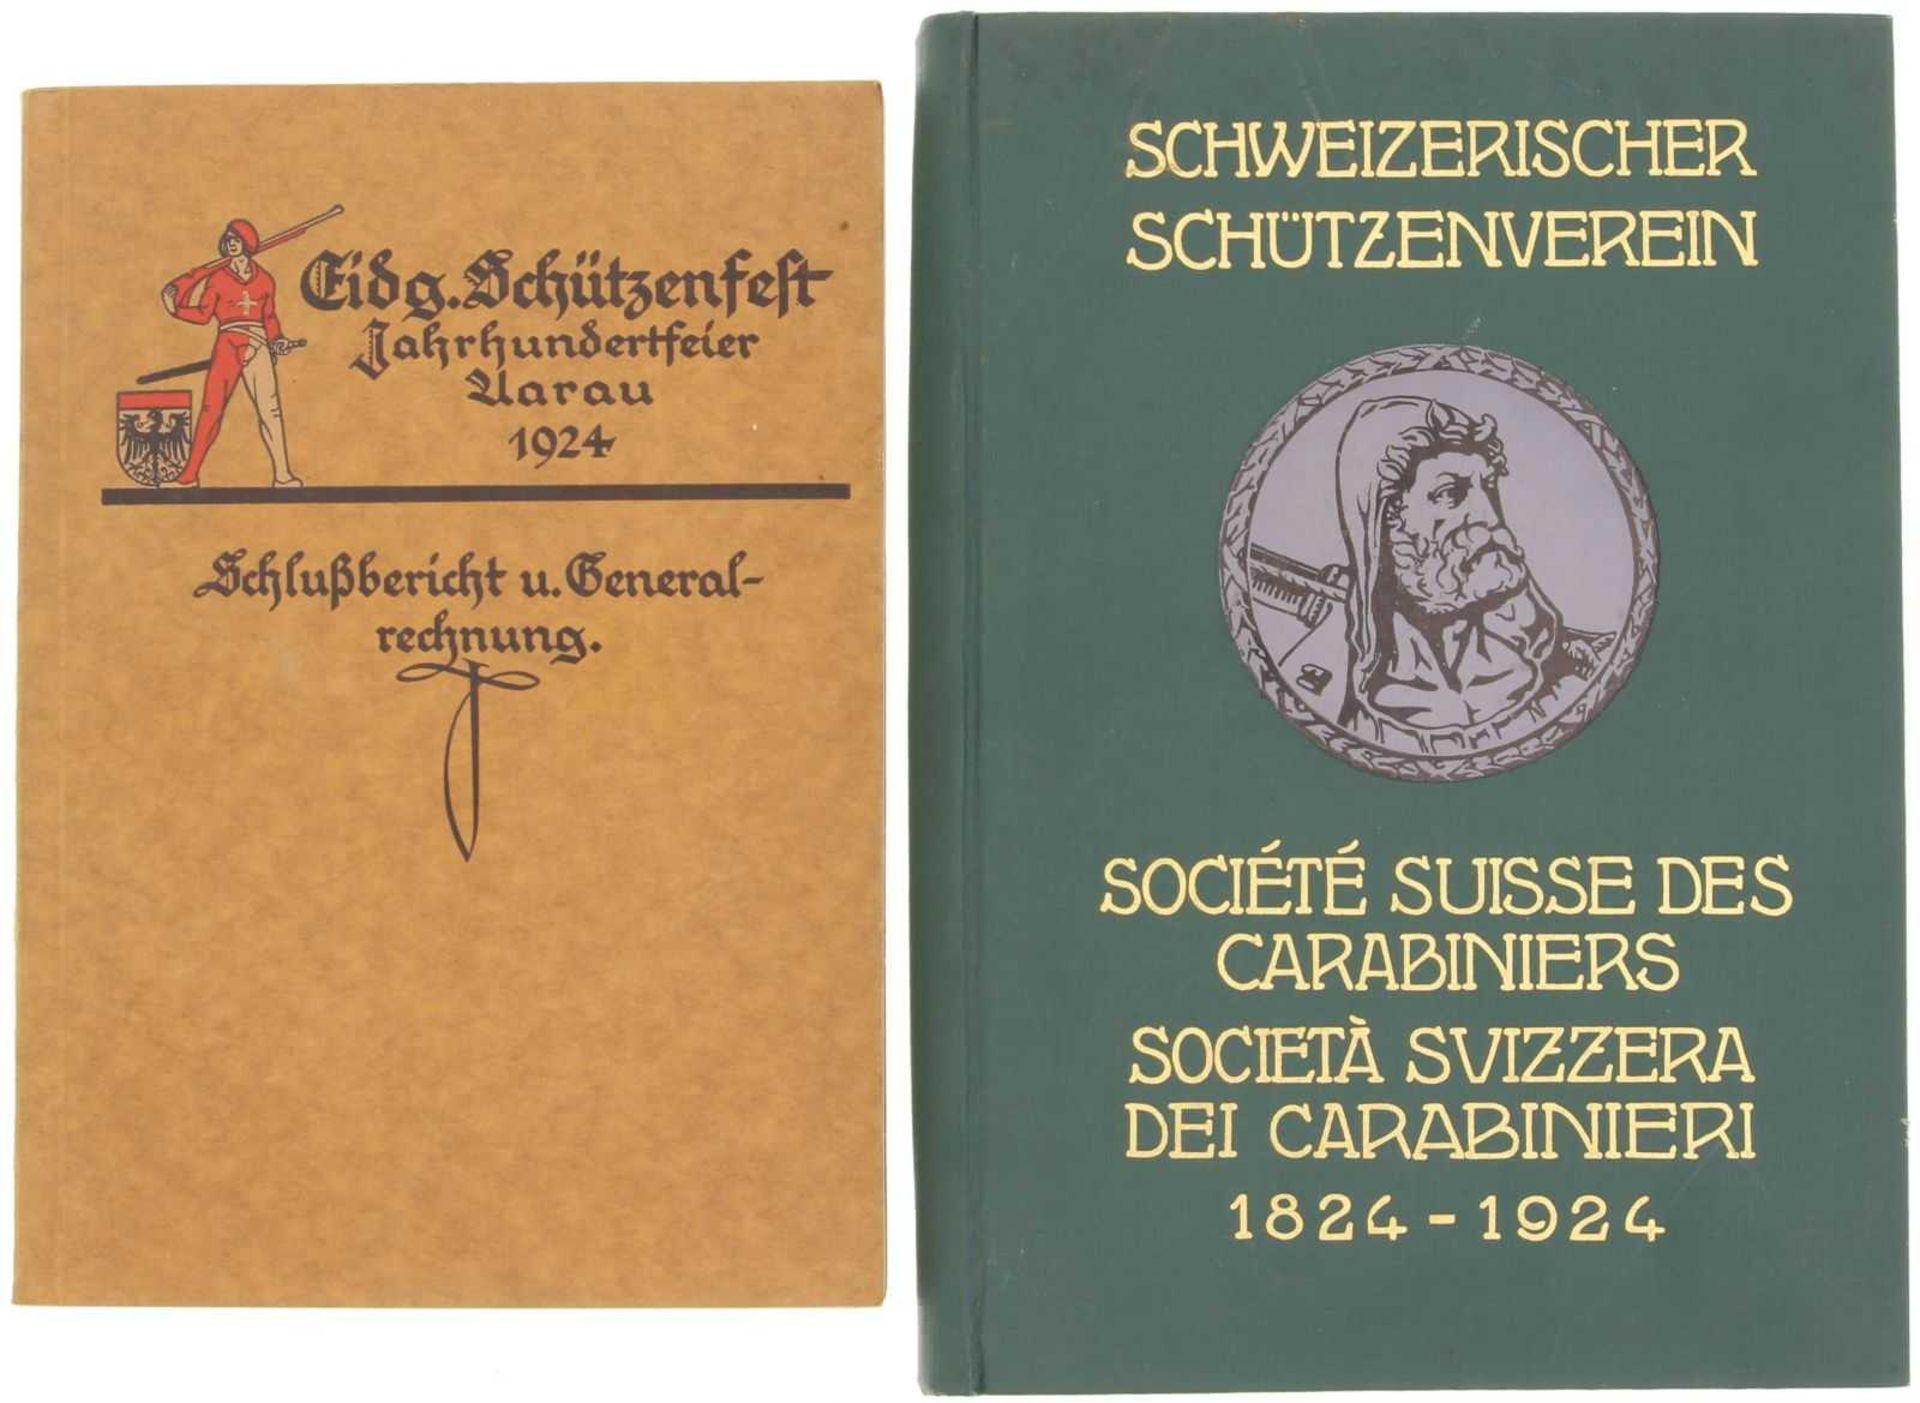 Konvolut von 2 Büchern Eidg. Schützenfest Kanton Aarau 1924 1. Gedenkschrift zum 100-jährigen